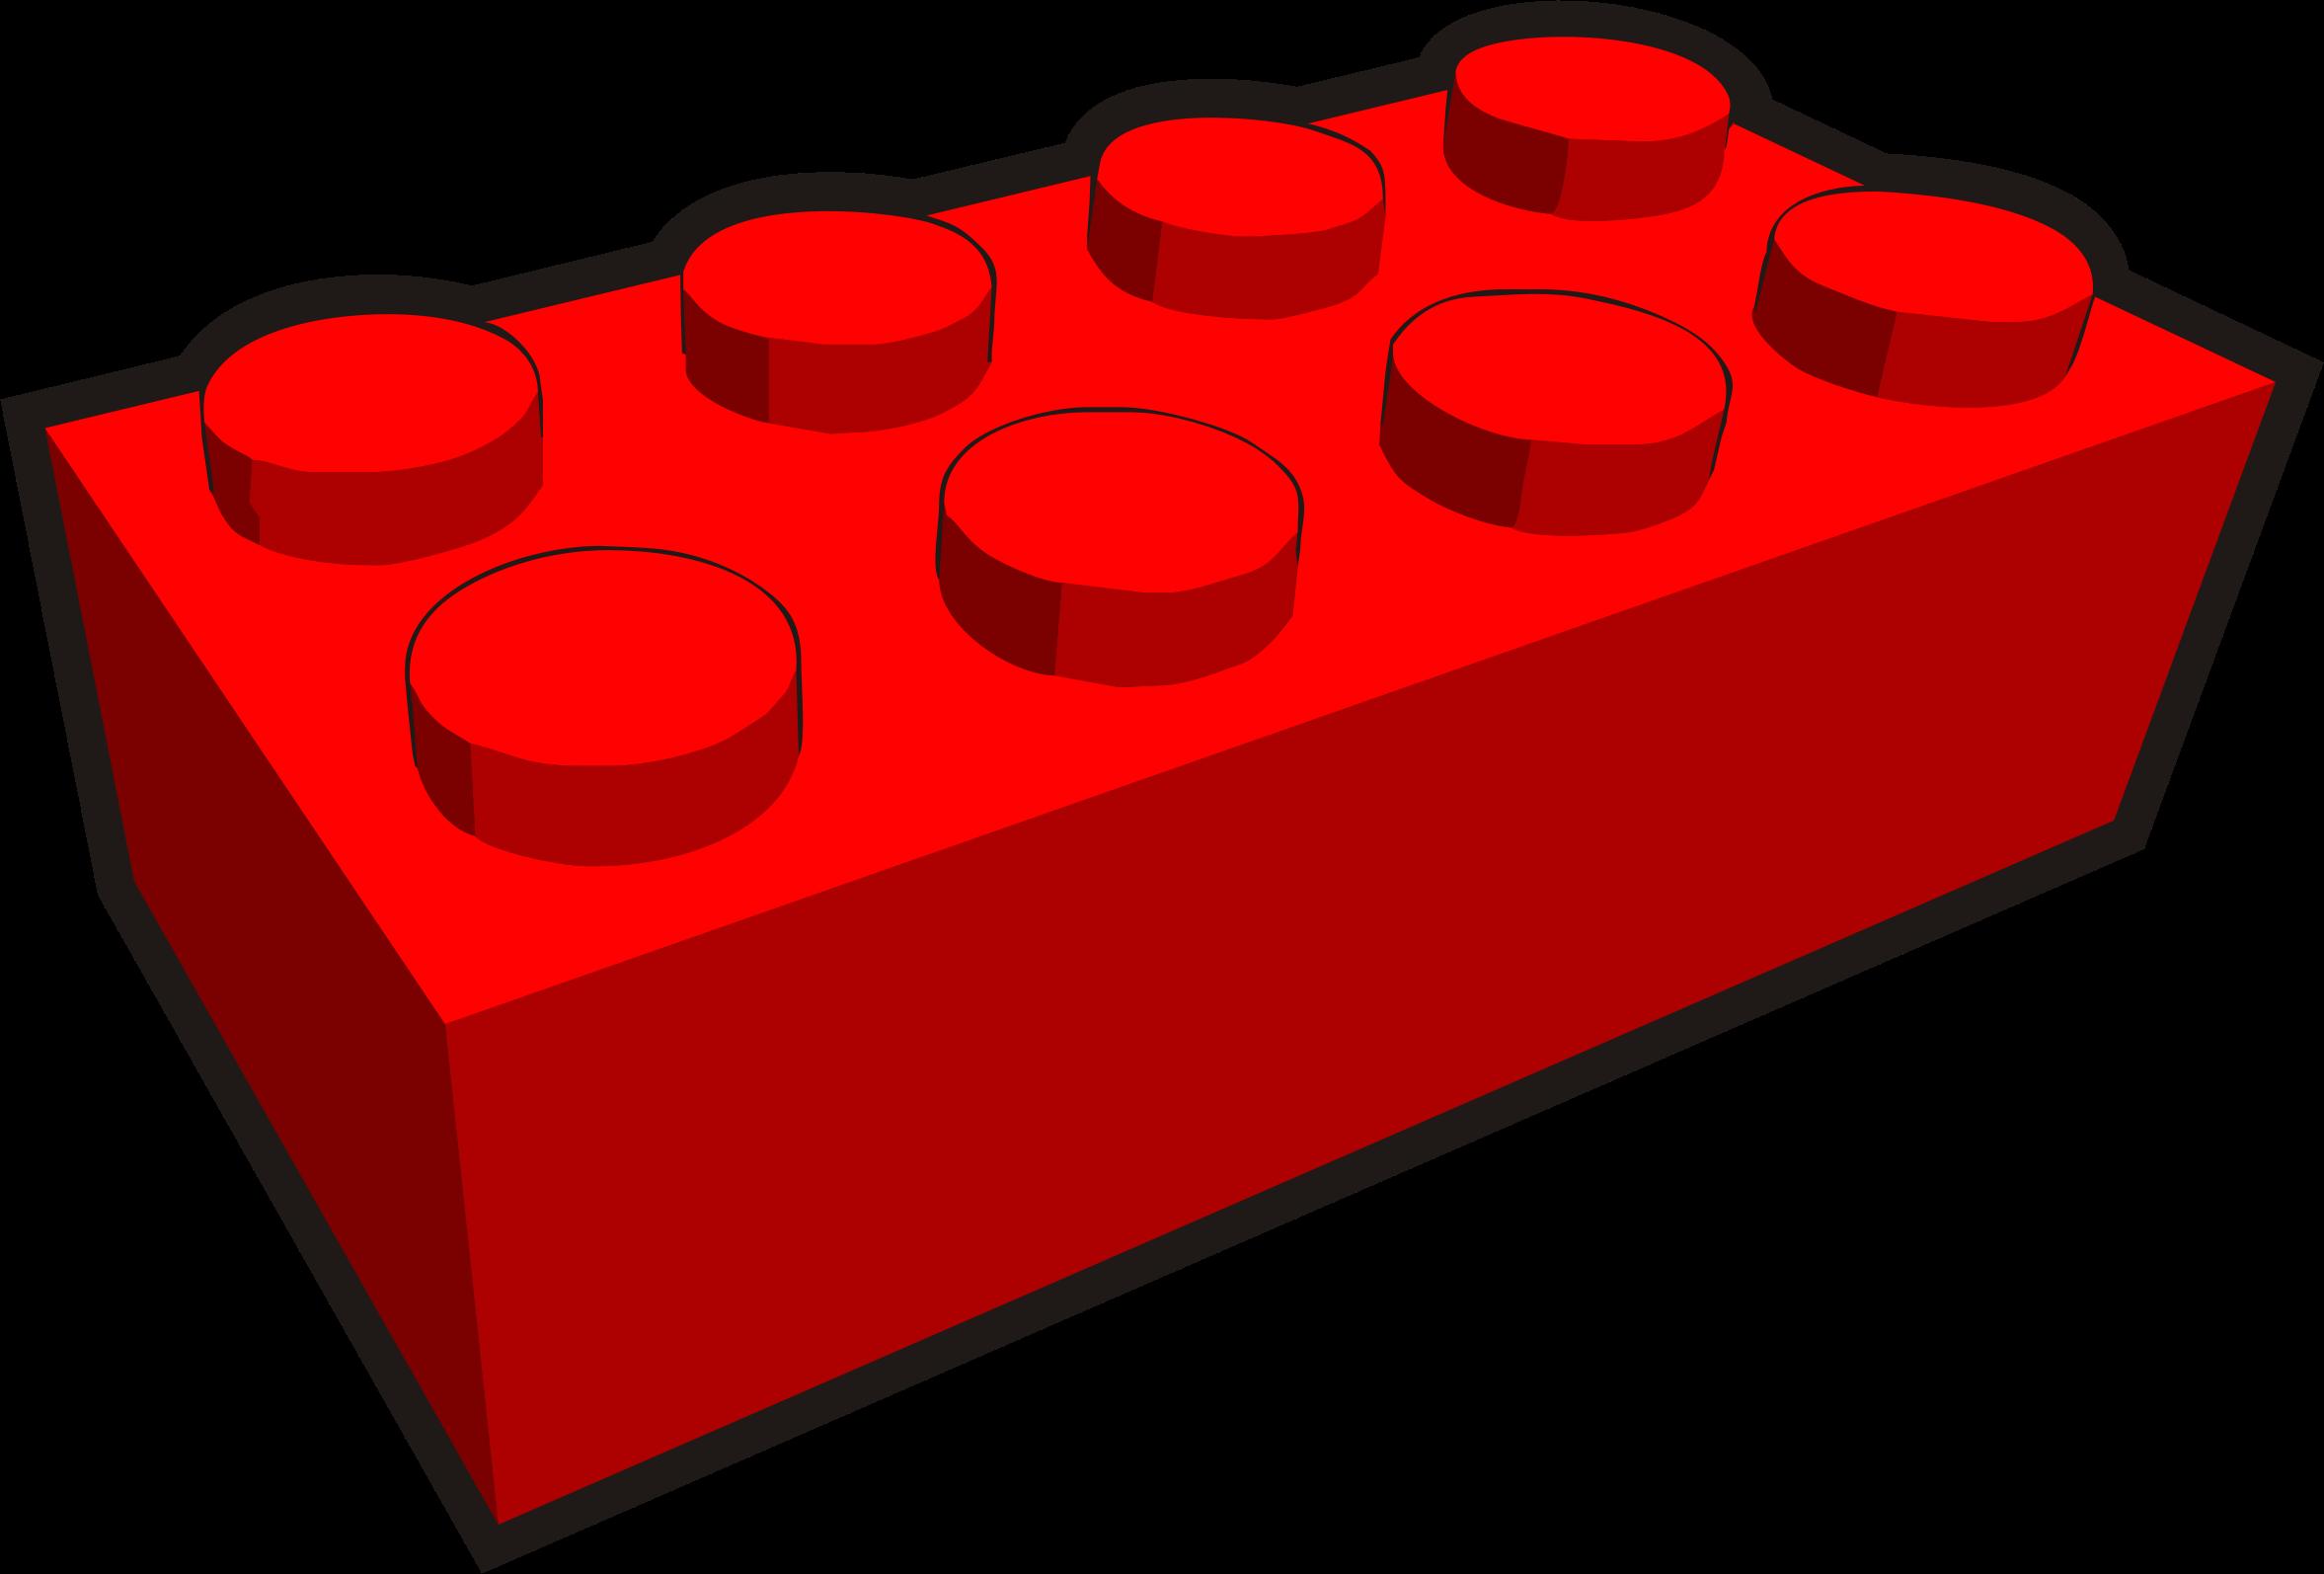 Stone Block Clip Art : Lego stone clipart clipground